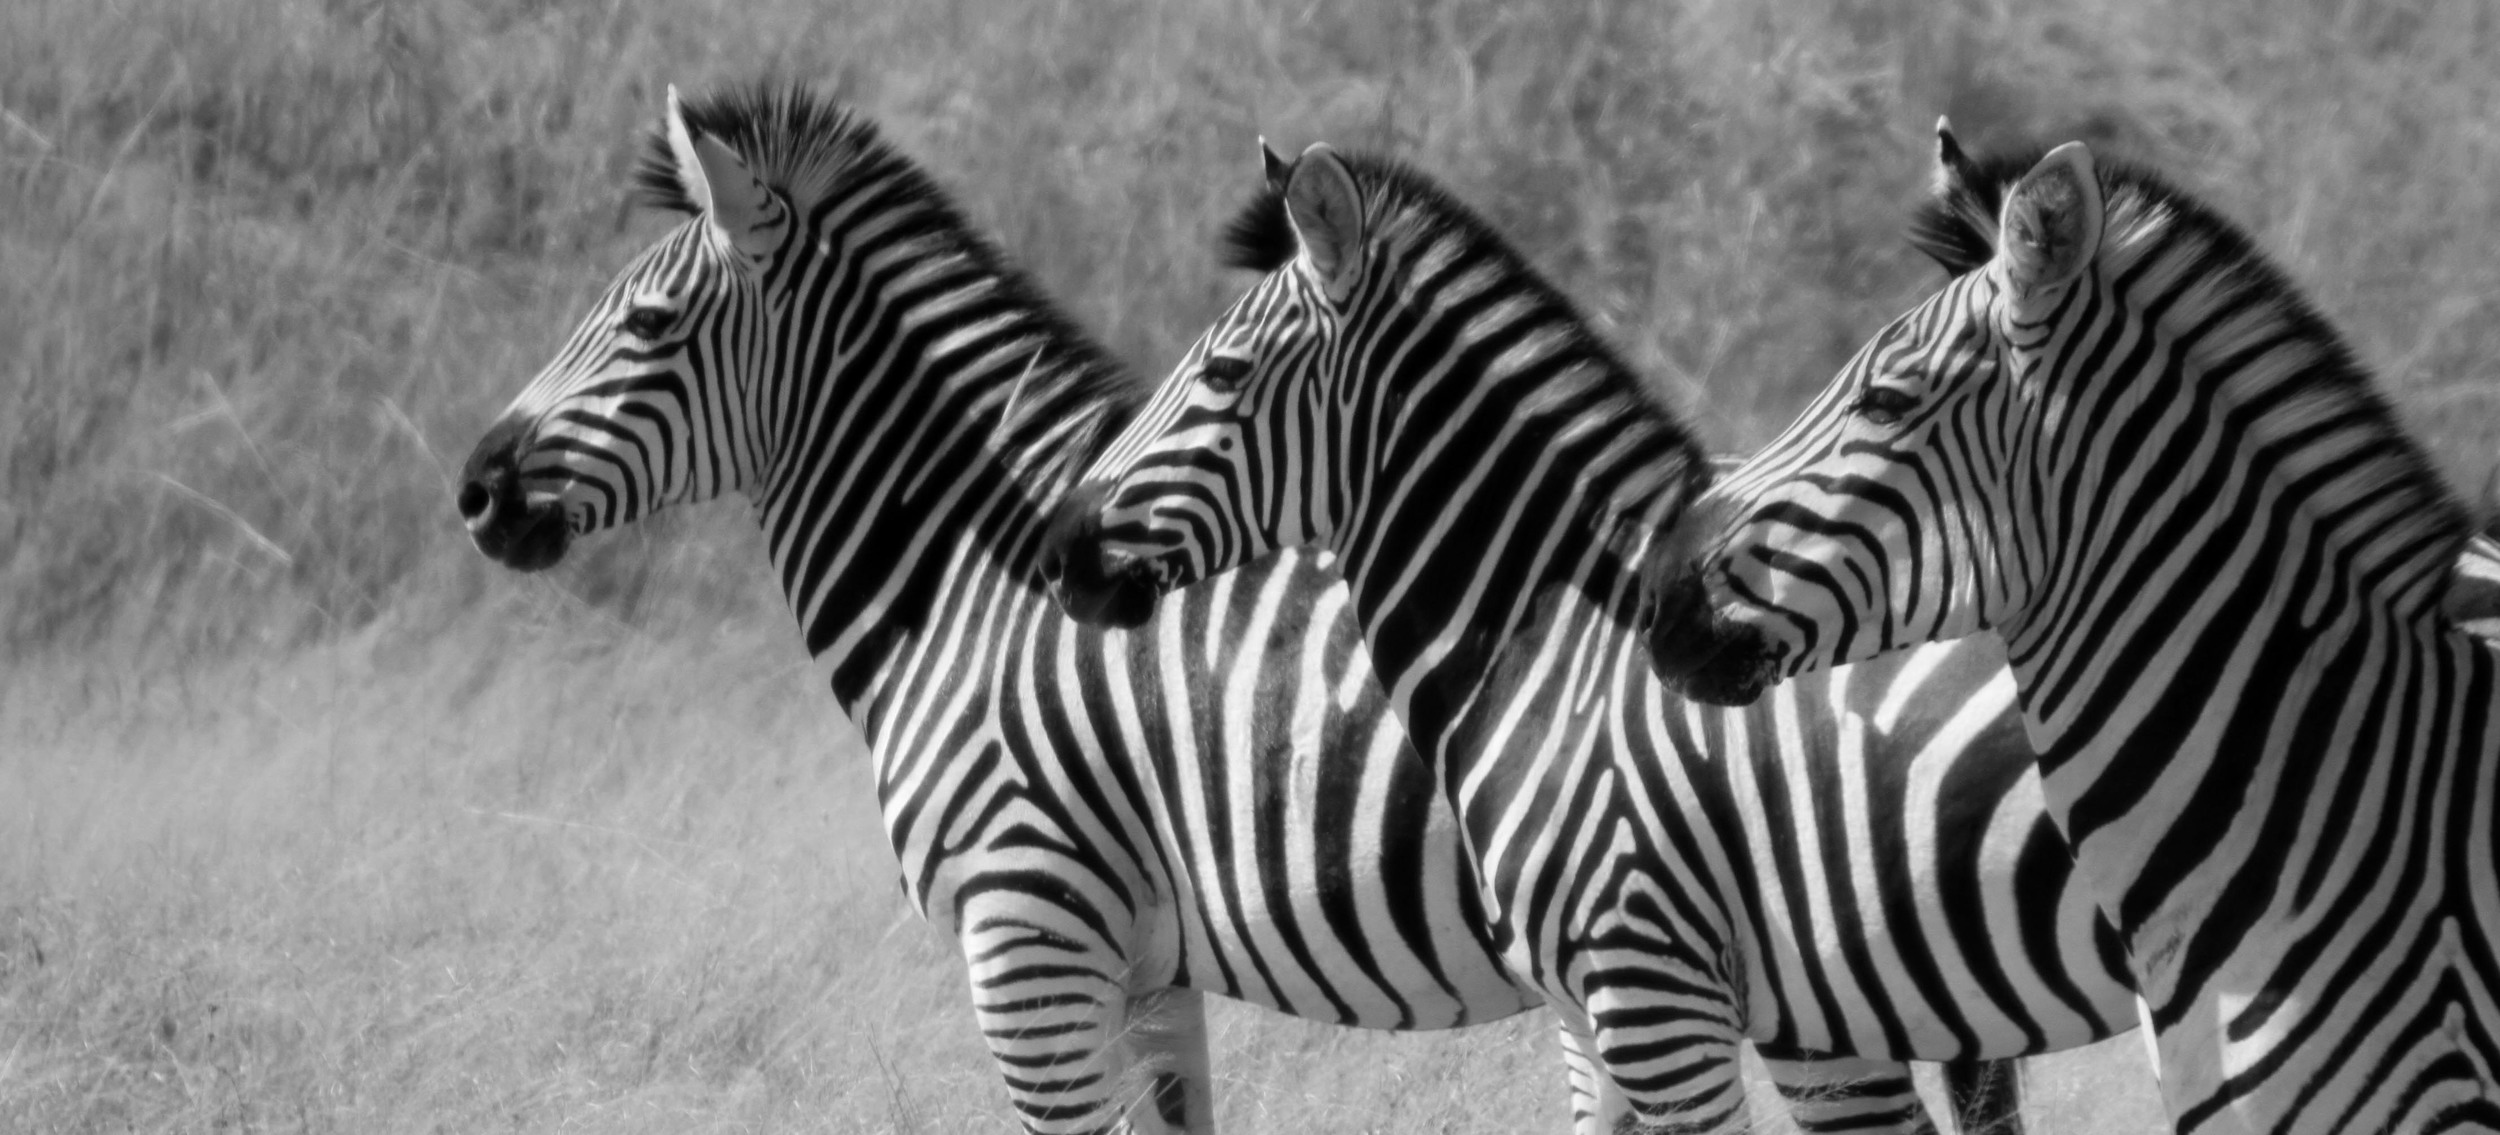 Zebras in Zimbabwe.jpg